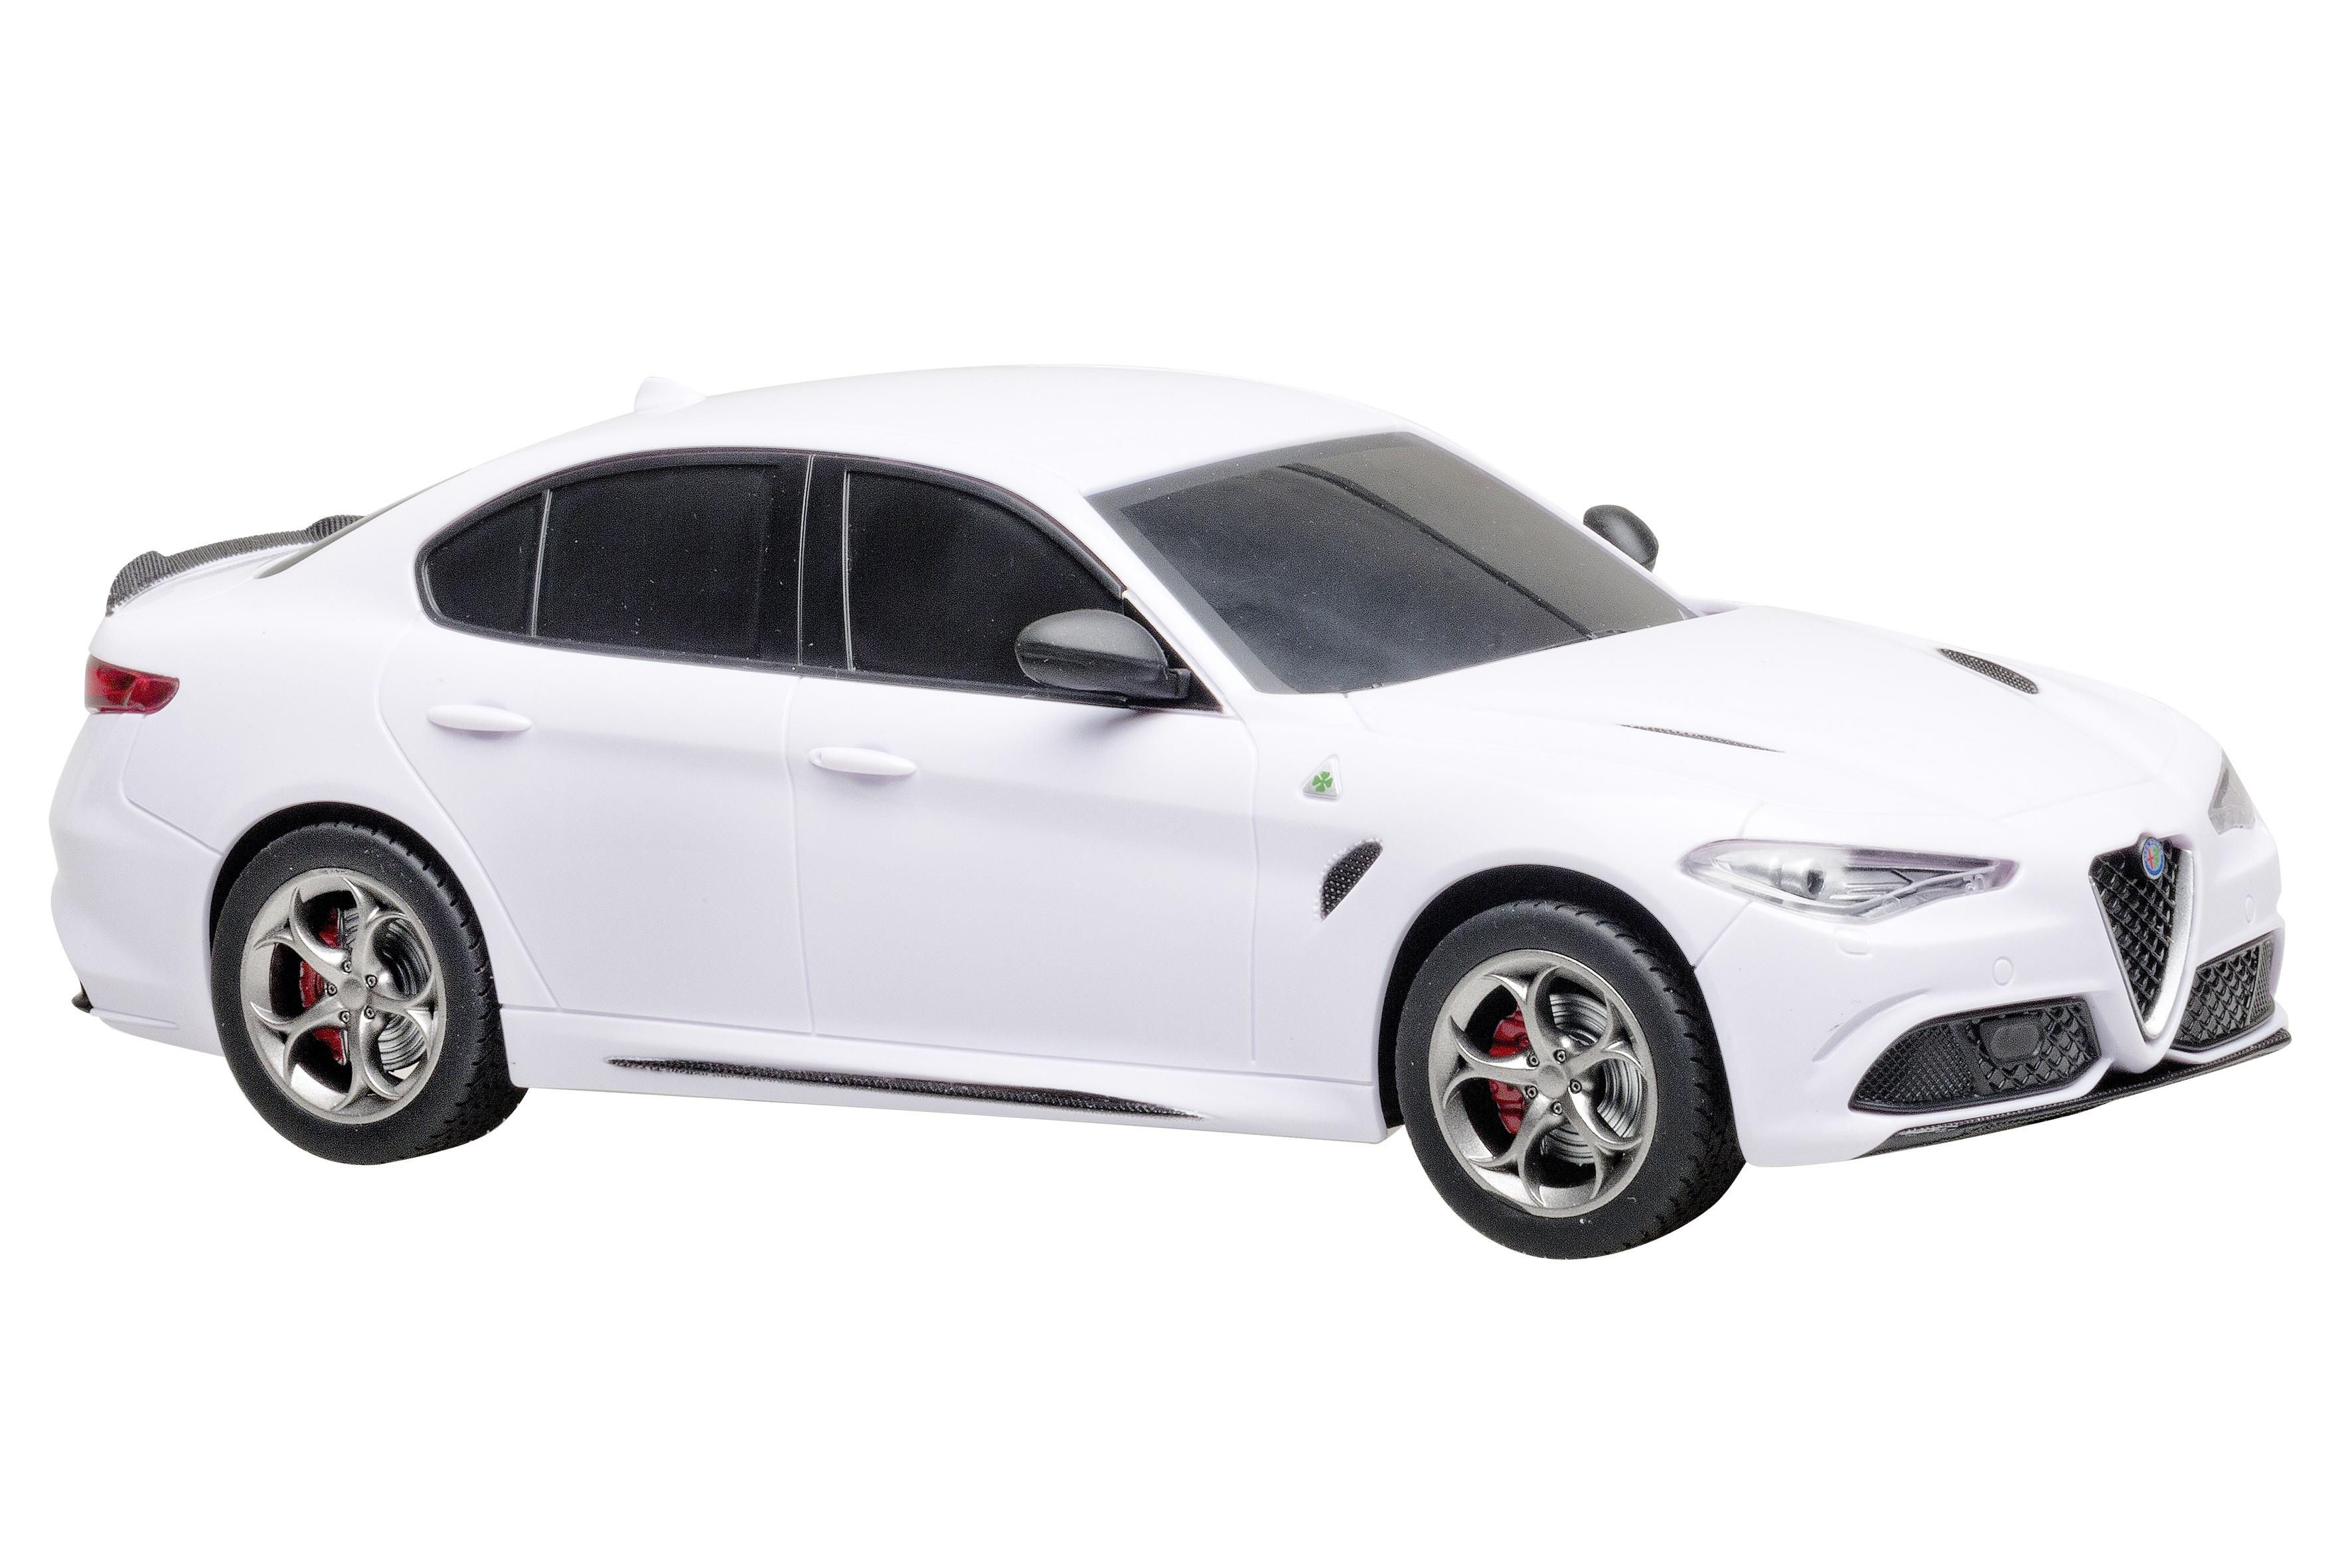 Daljinsko vodeni model na baterije R C na baterije Alfa Romeo